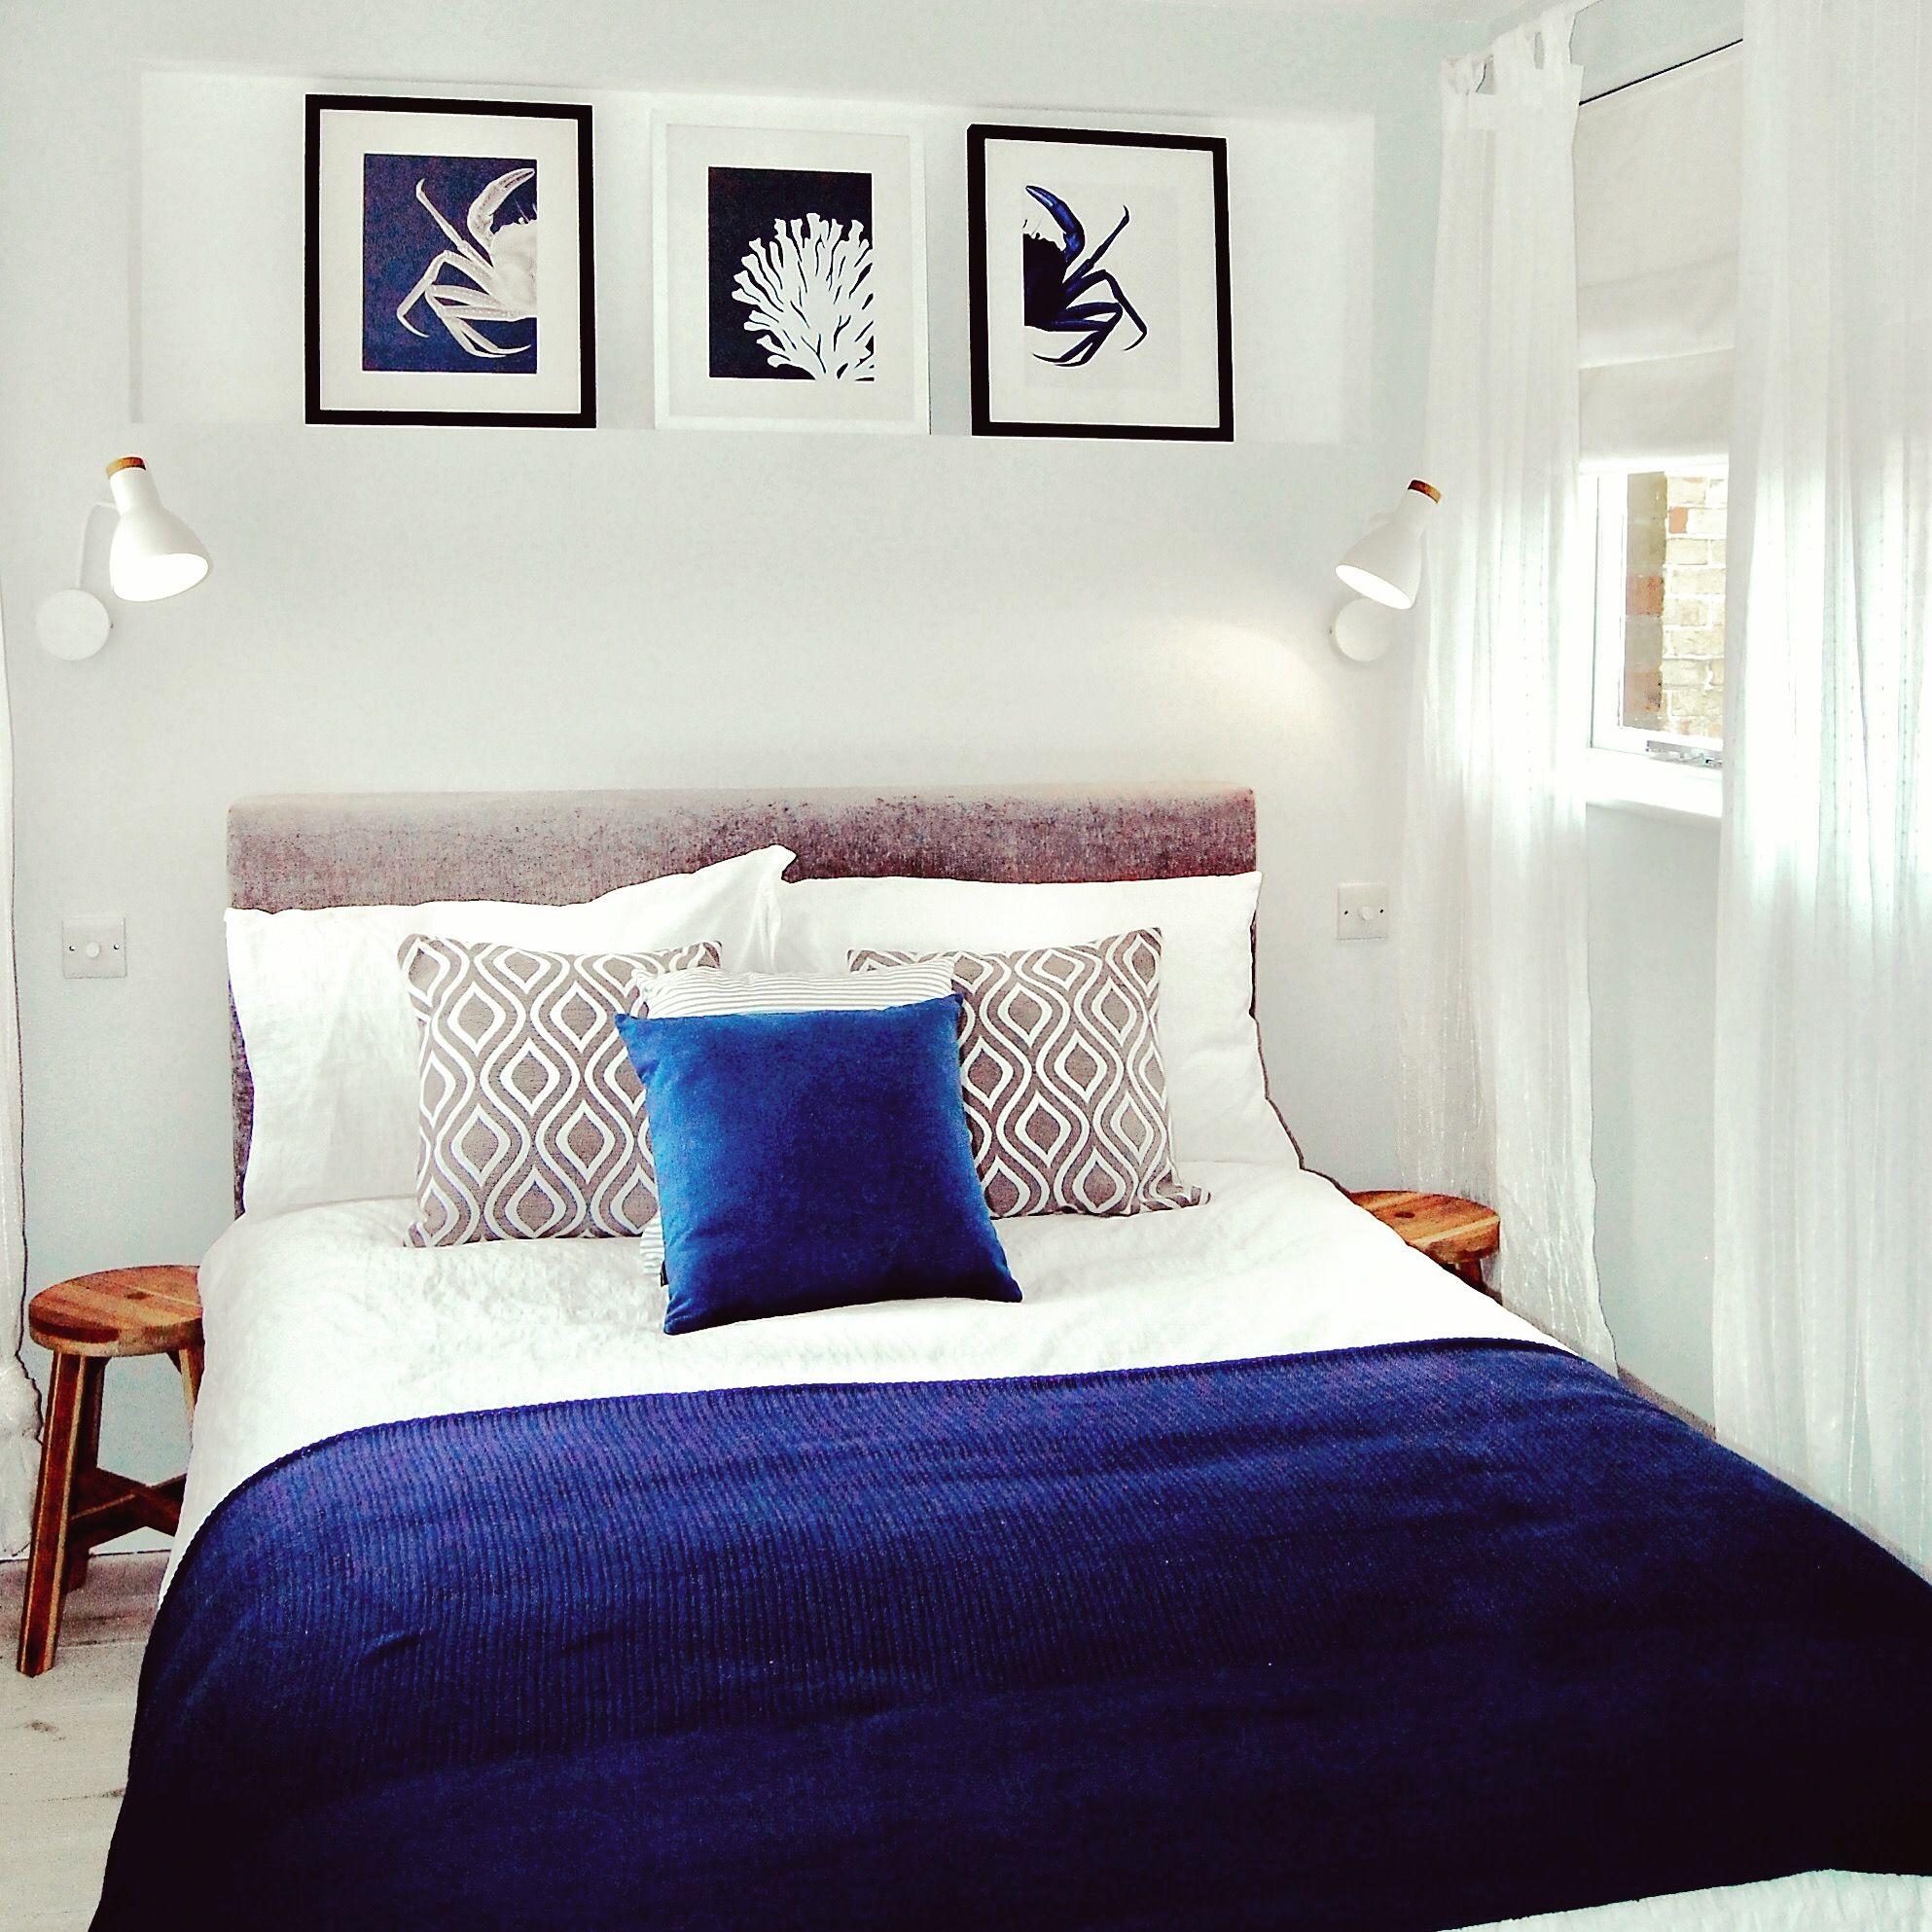 Scandinavian Bedroom Blue Accents Bedroom Grey And Navy Bedroom Neutral Grey And Navy Bedroom Scand Scandinavian Bedroom Blue Accents Bedroom Bedroom Accent